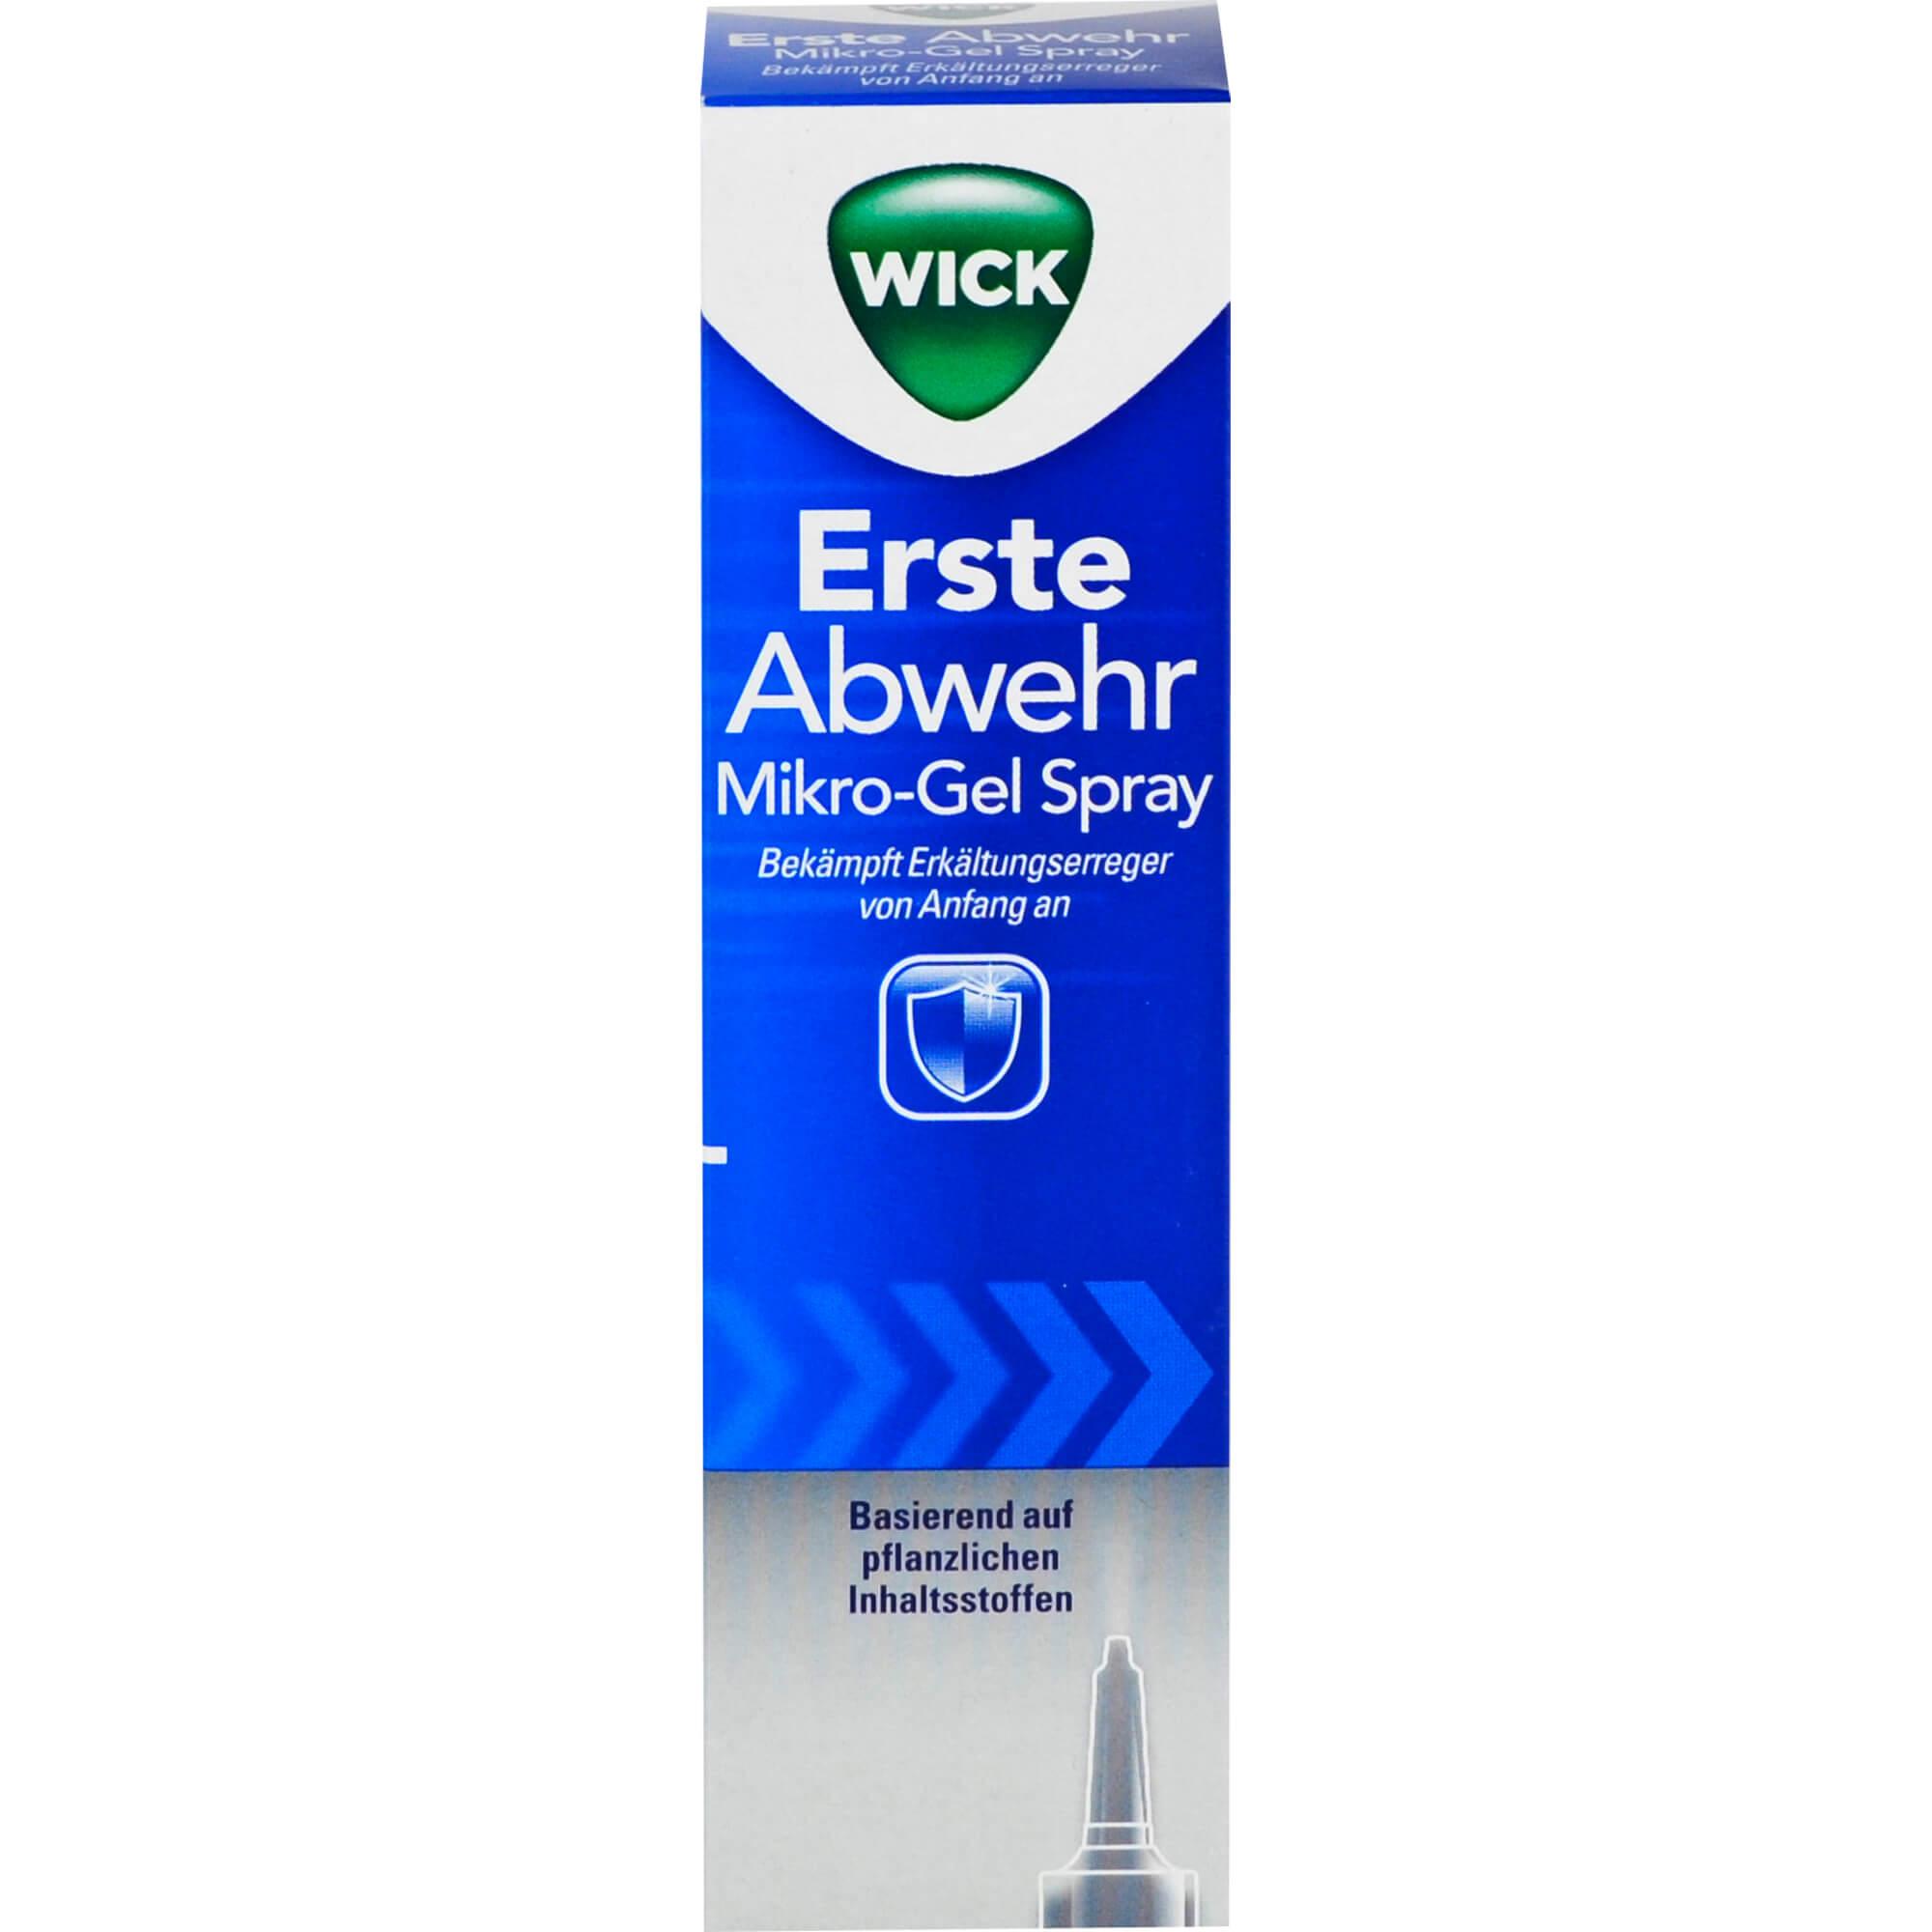 WICK-Erste-Abwehr-Nasenspray-Spruehflasche